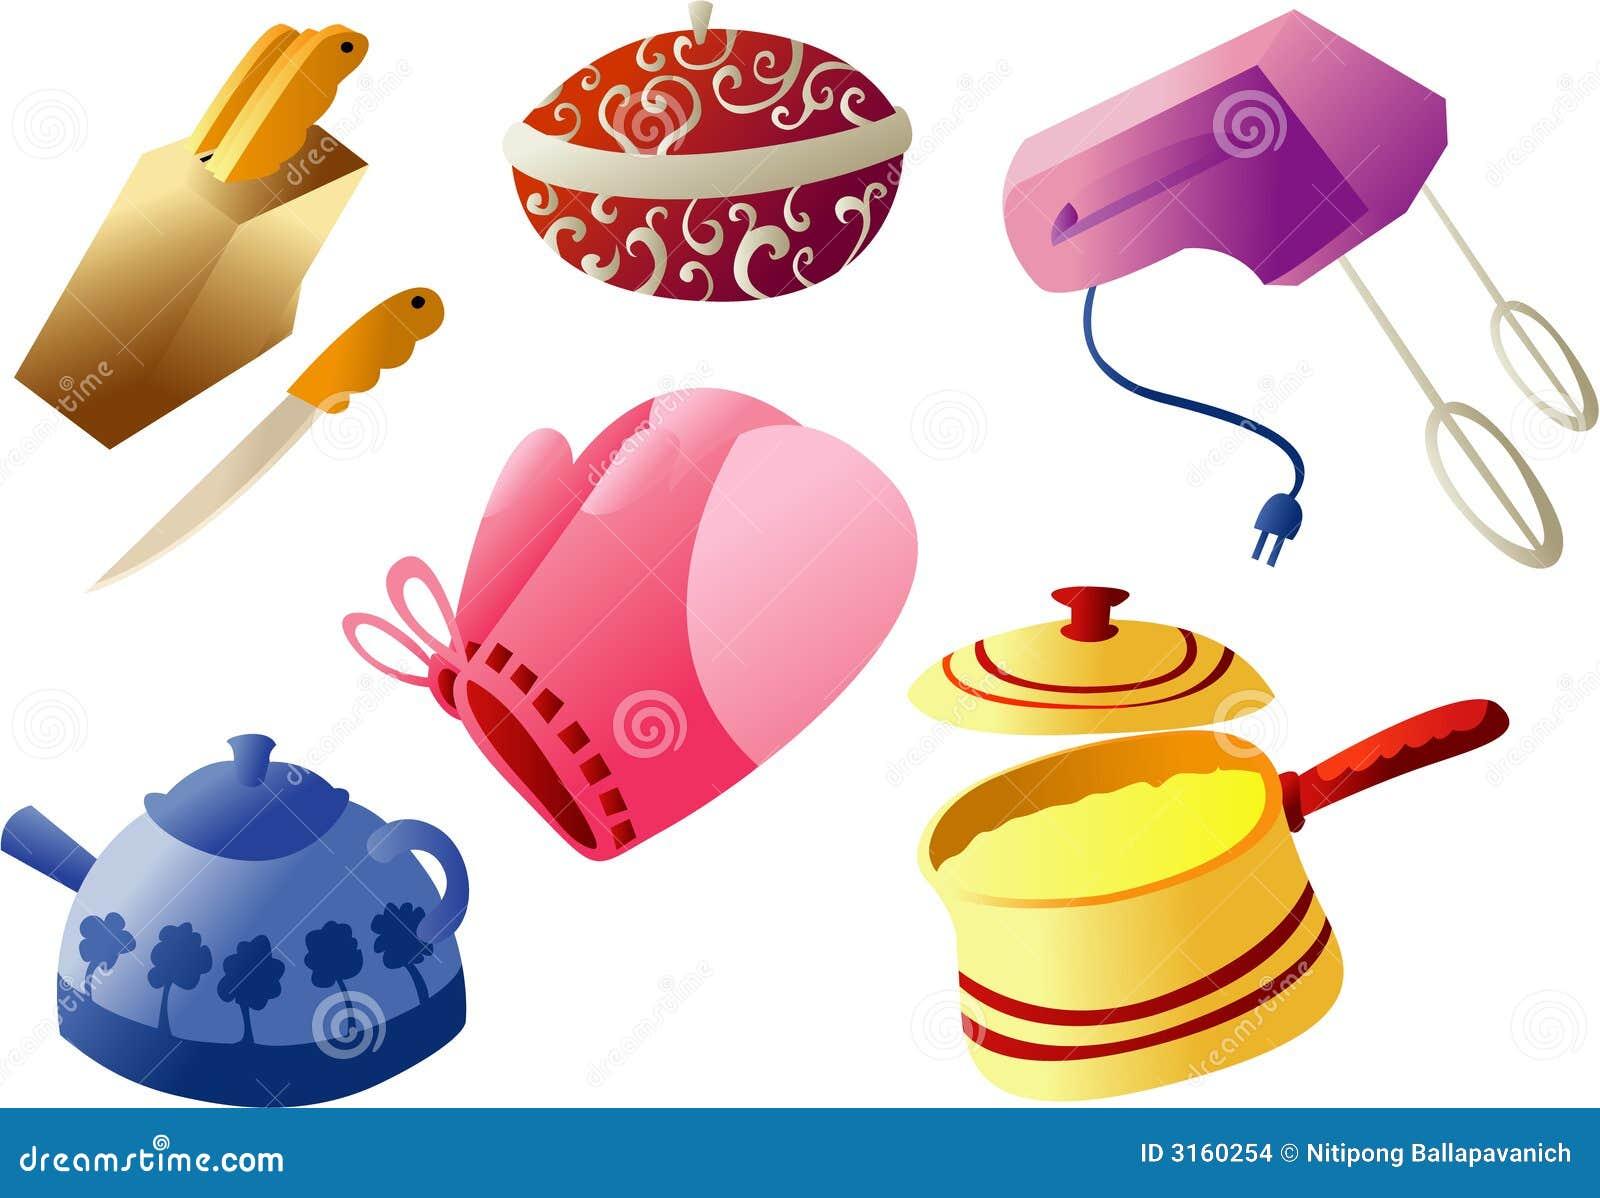 Utensilios de cocina cliparts imagenes de archivo imagen - Objetos de cocina ...